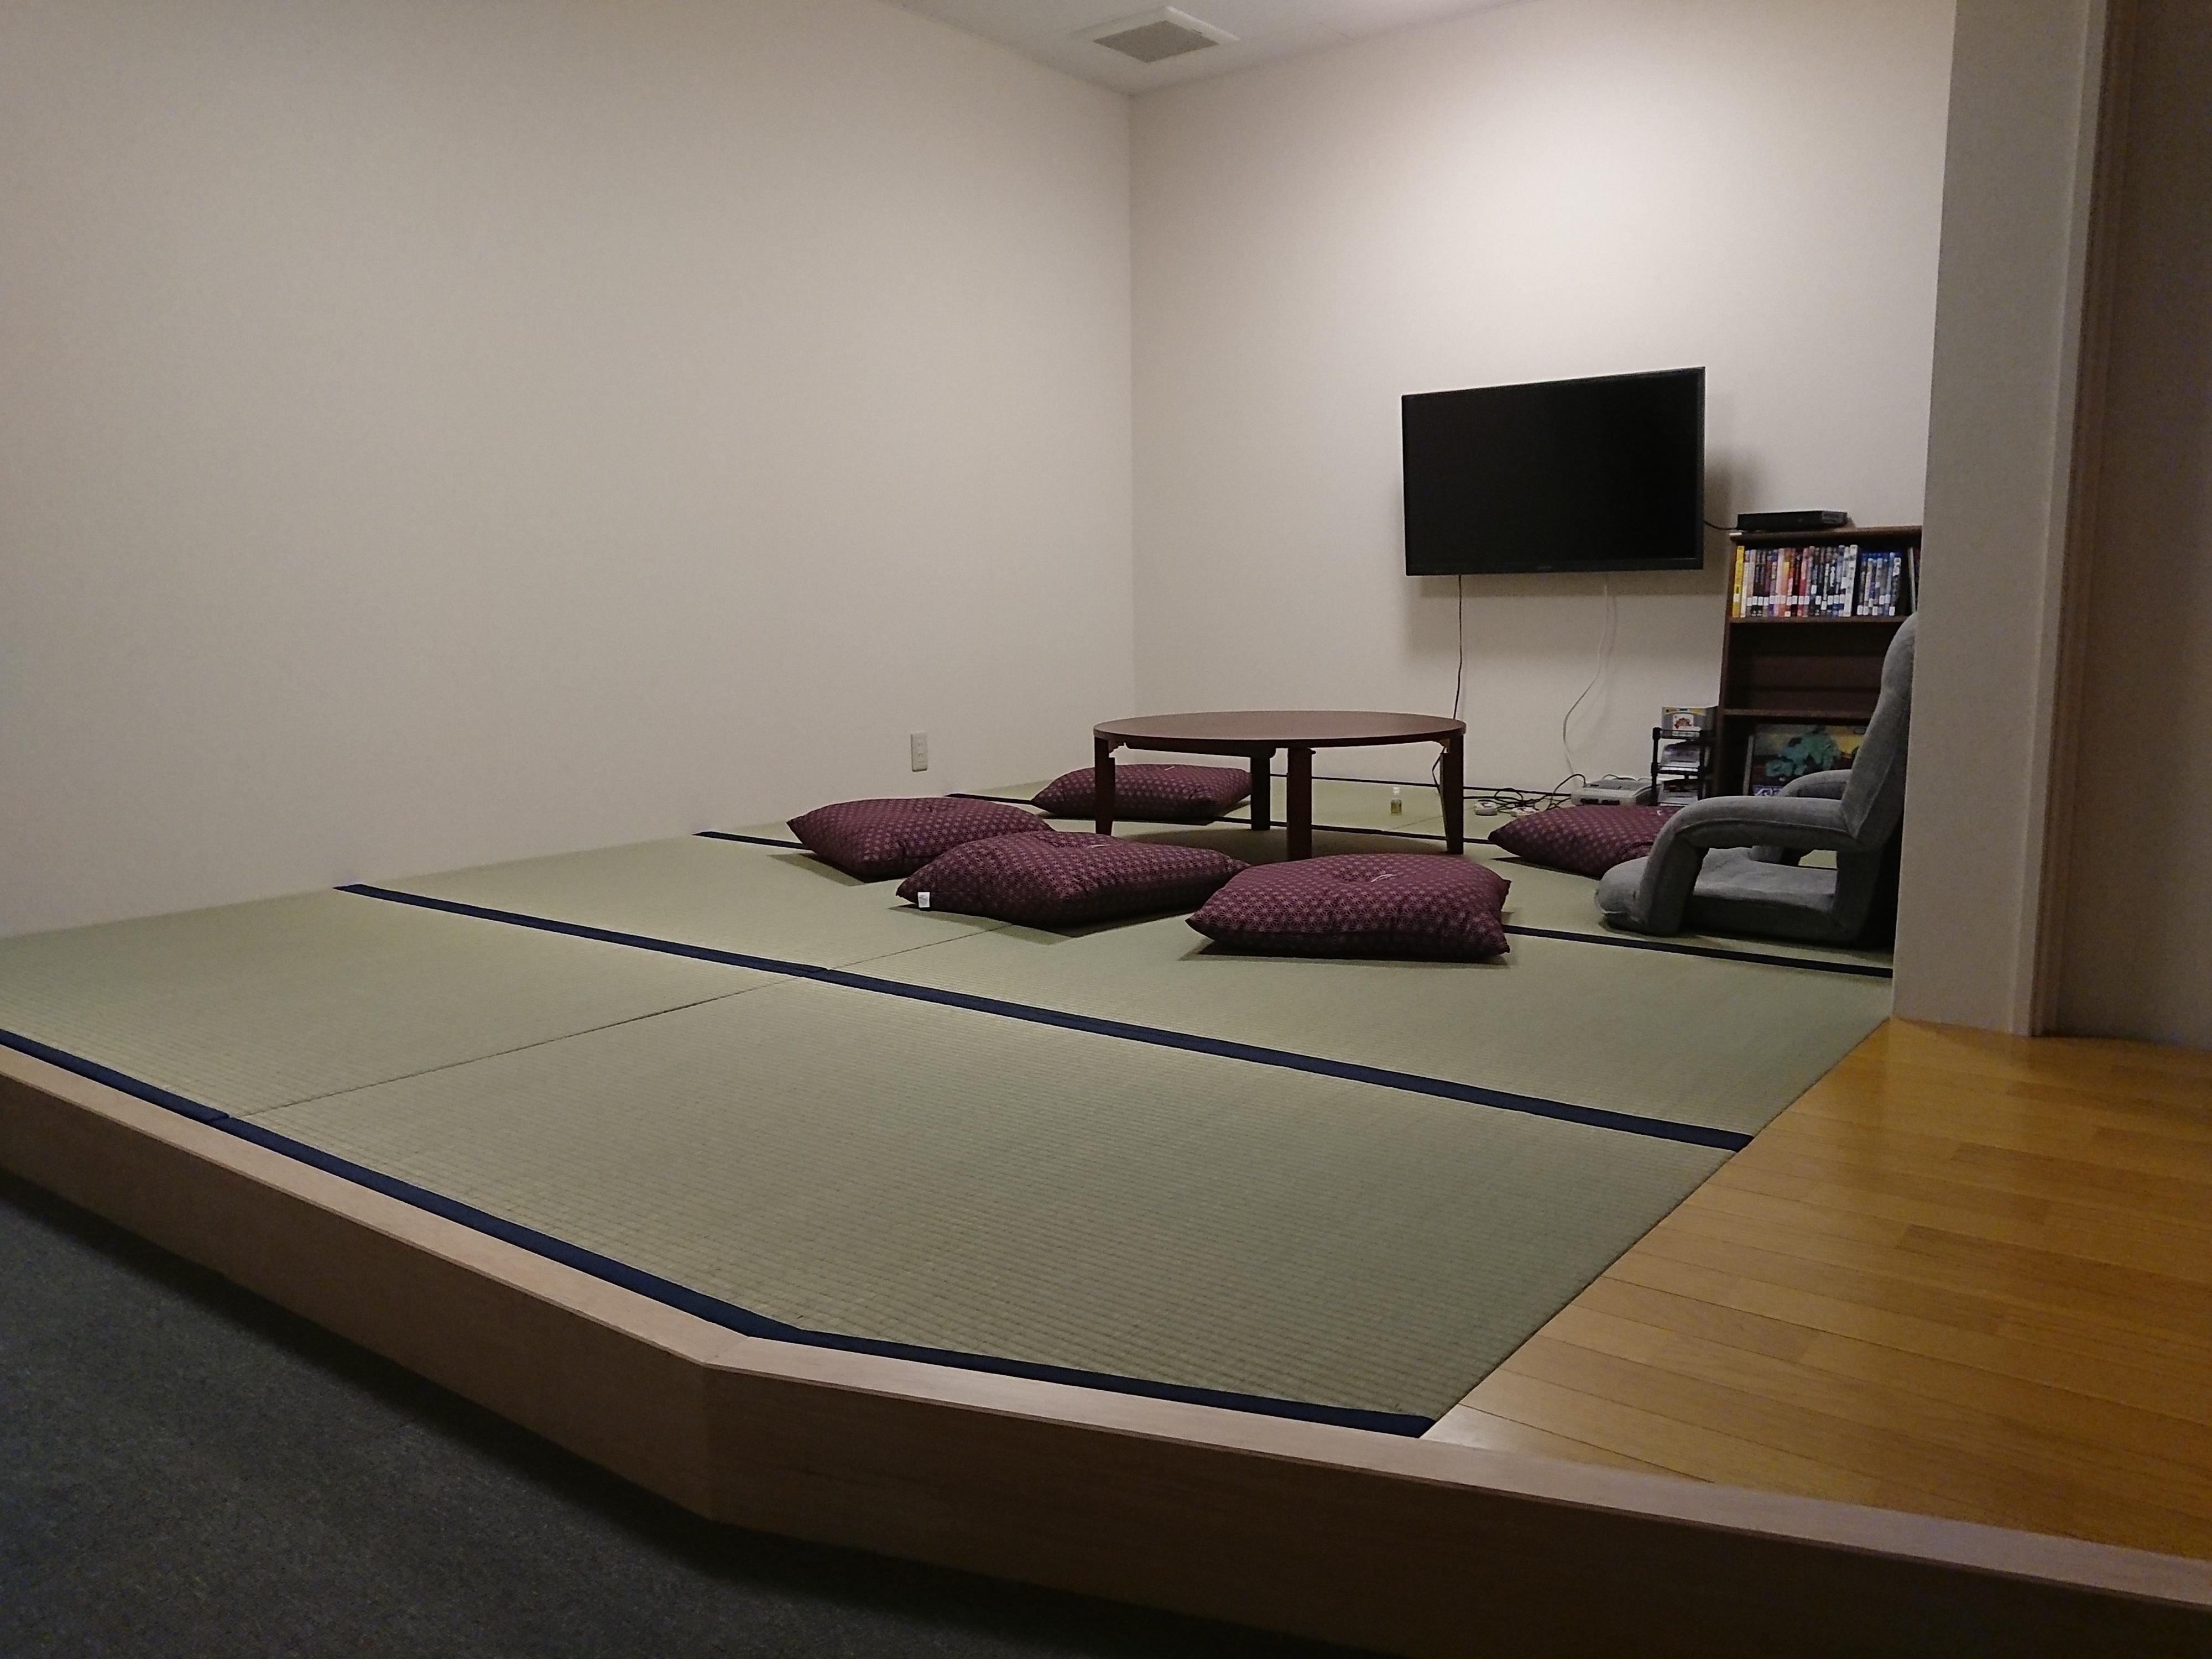 アップルペイント、職人魂施設休憩室畳工事。